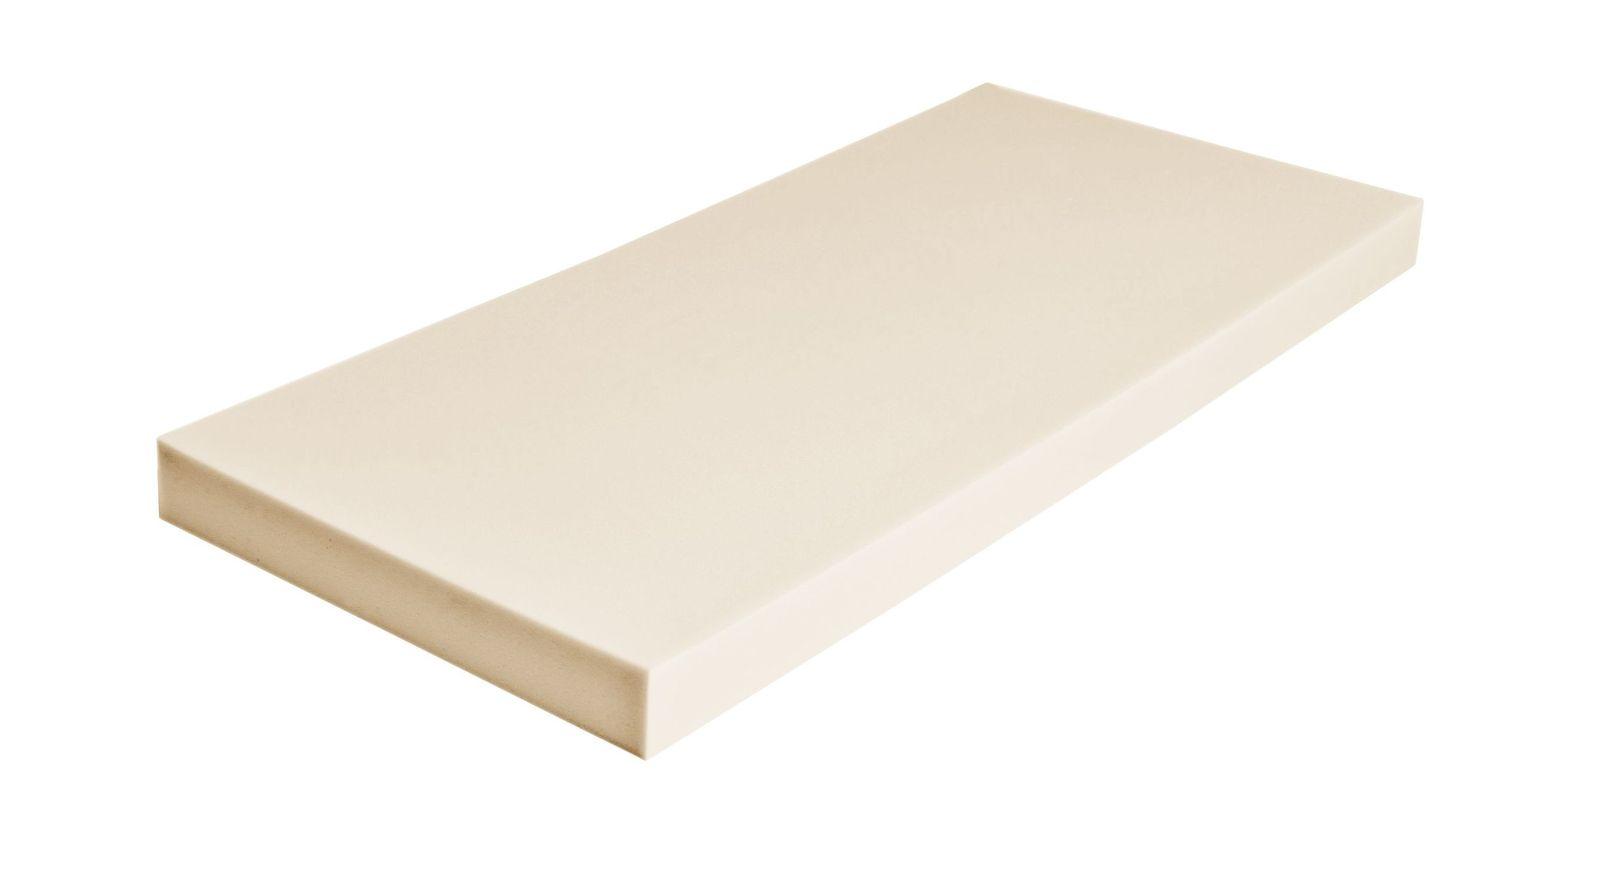 Kaltschaum-Matratze Lineavita Junior mit 12 cm hohem Matratzenkern